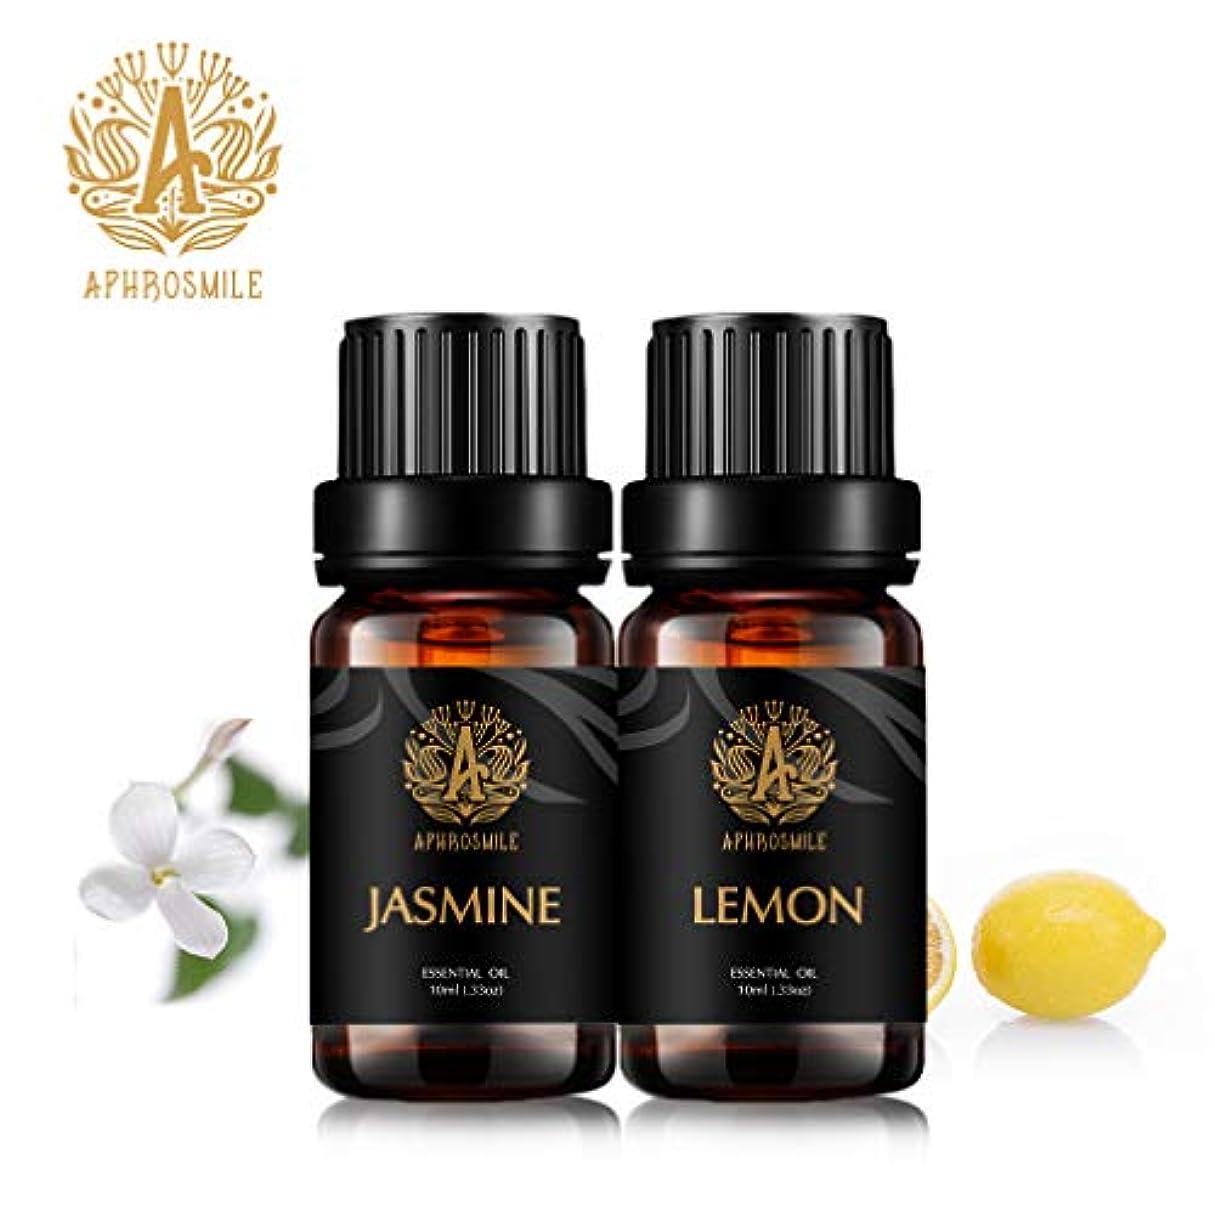 ネストある口述するAPHORSMILE JP 100% 純粋と天然の精油、レモン/ジャスミン、2 /10mlボトル - 【エッセンシャルオイル】、アロマテラピー/デイリーケア可能